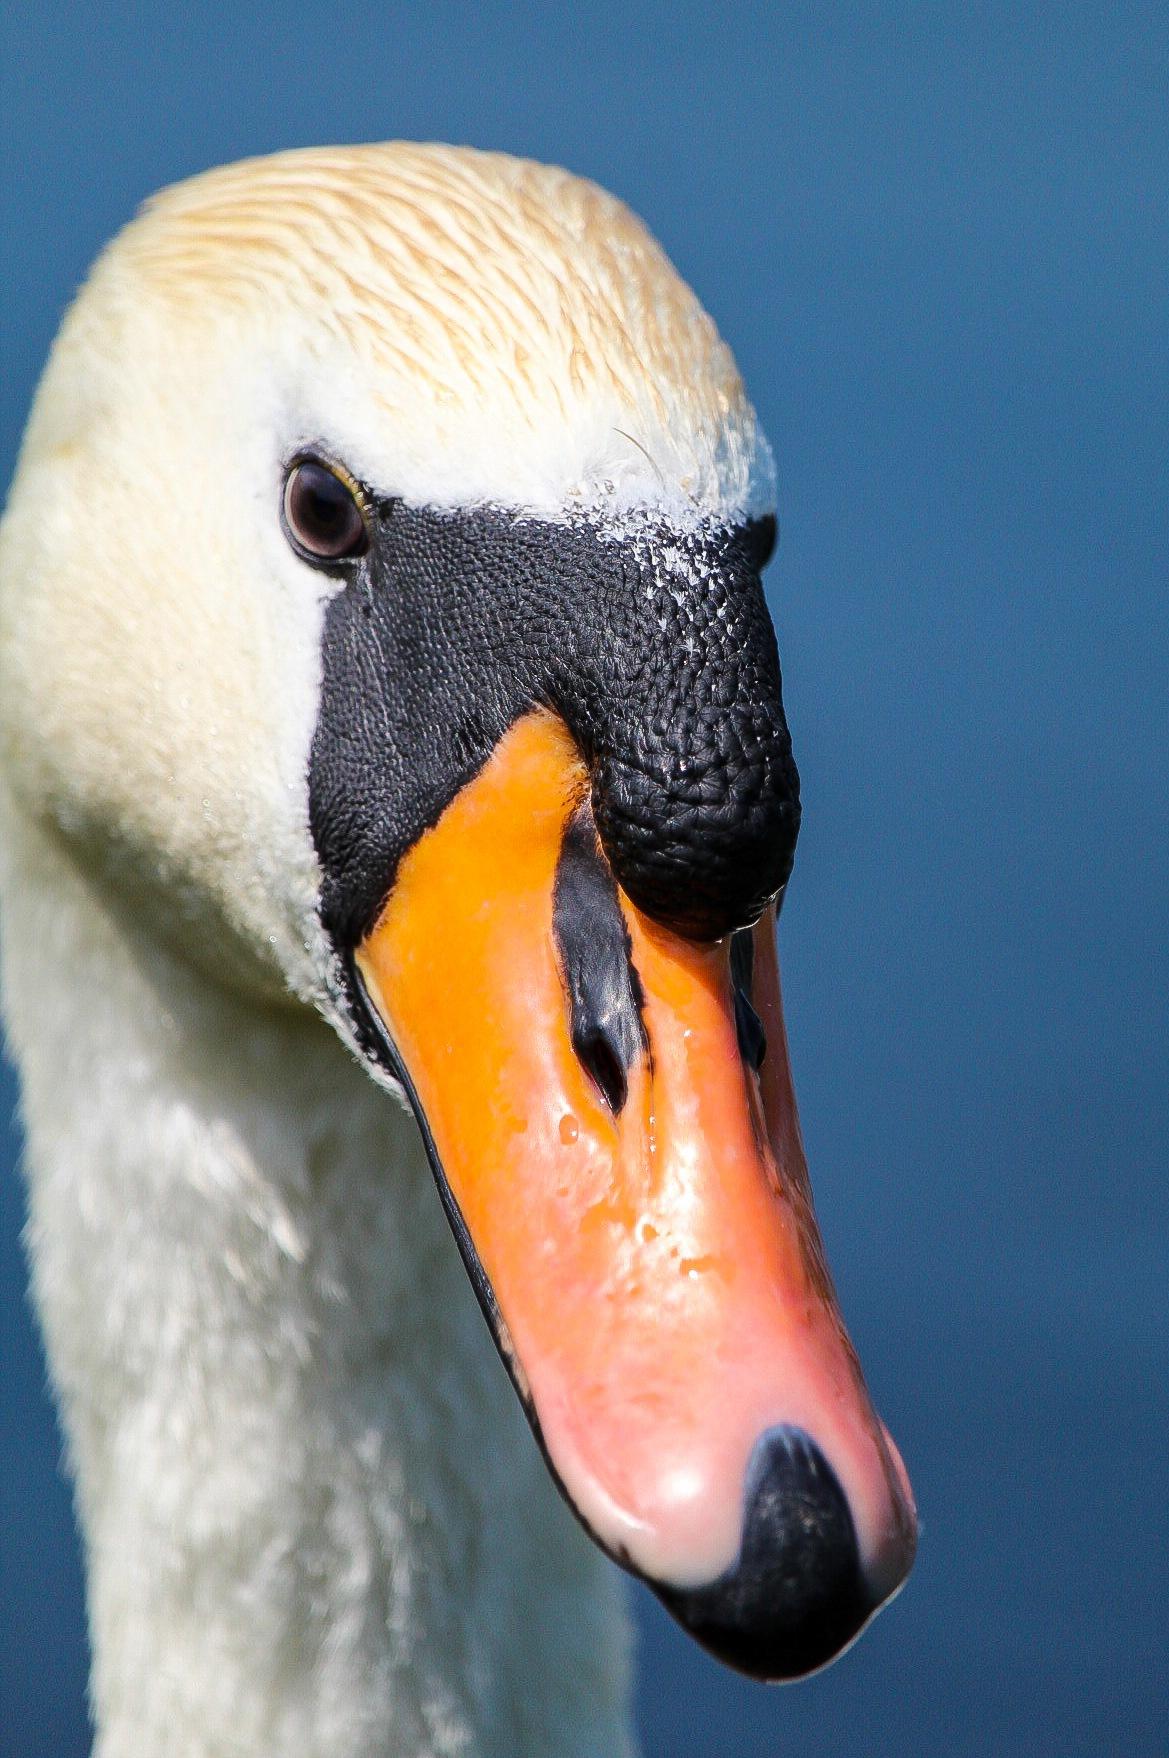 swan by Dan whitney